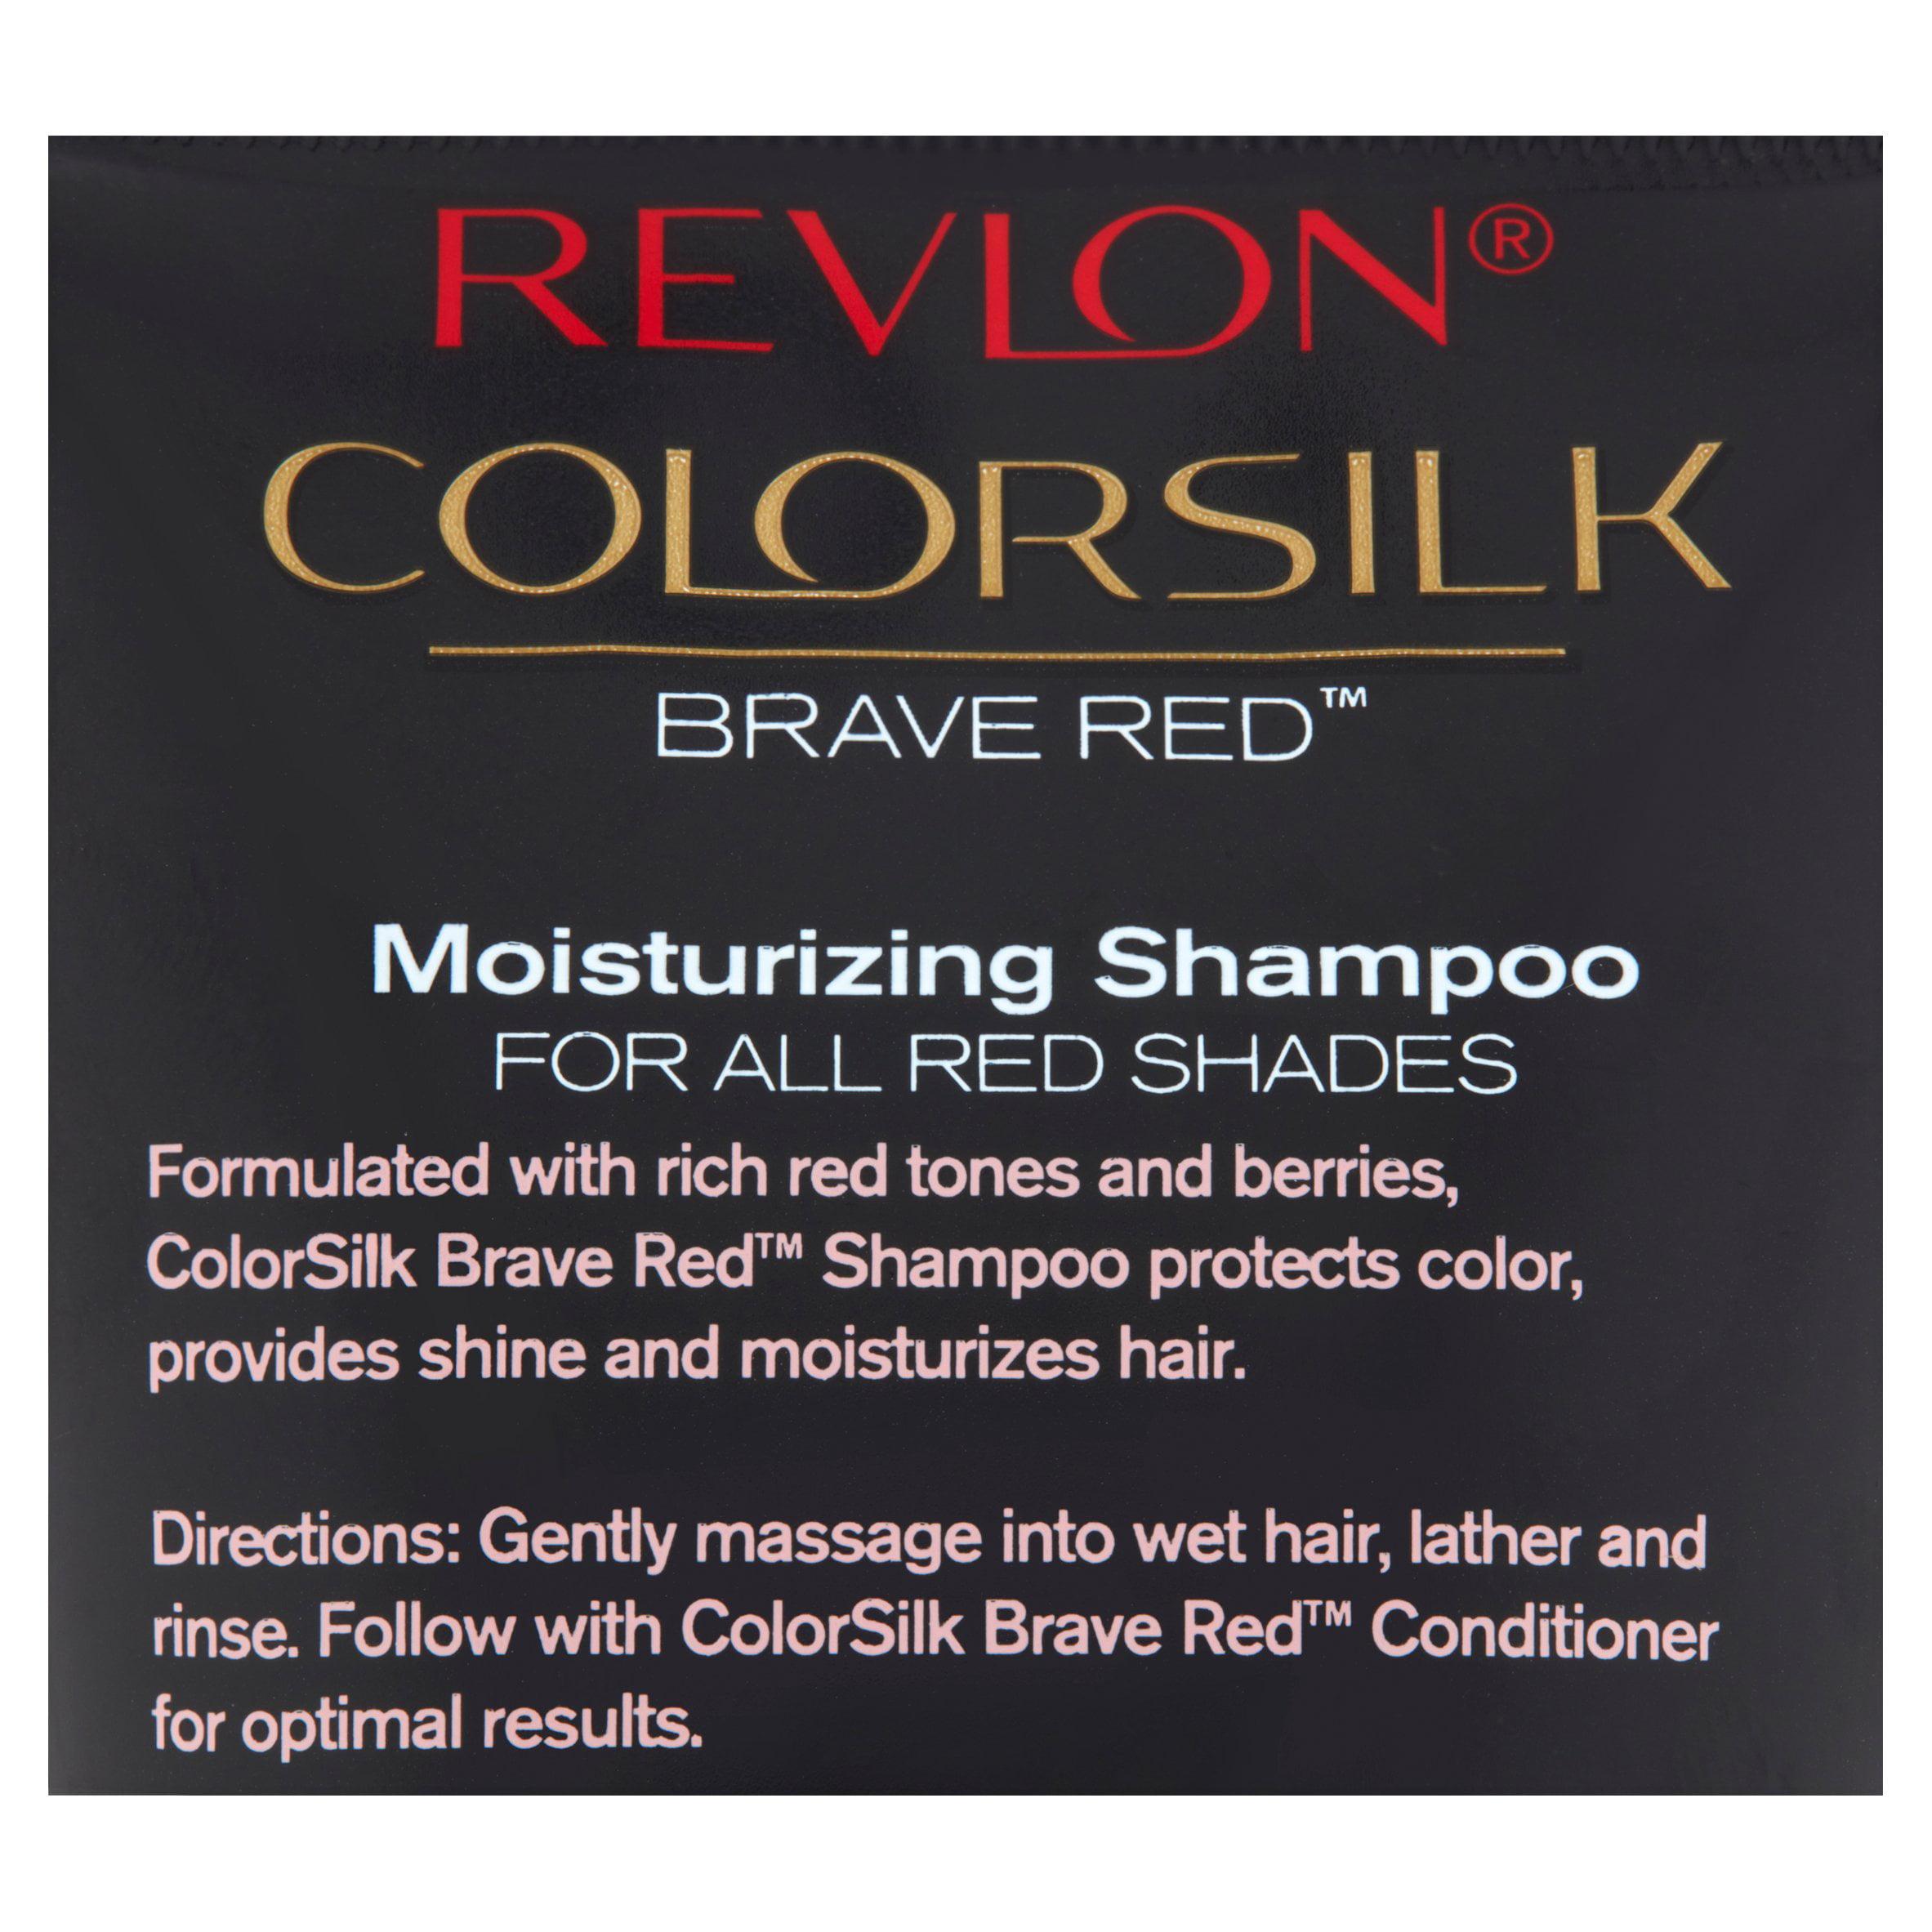 Revlon Colorsilk Bold Black 1 Colorstay Moisturizing Shampoo 8 45 Fl Oz